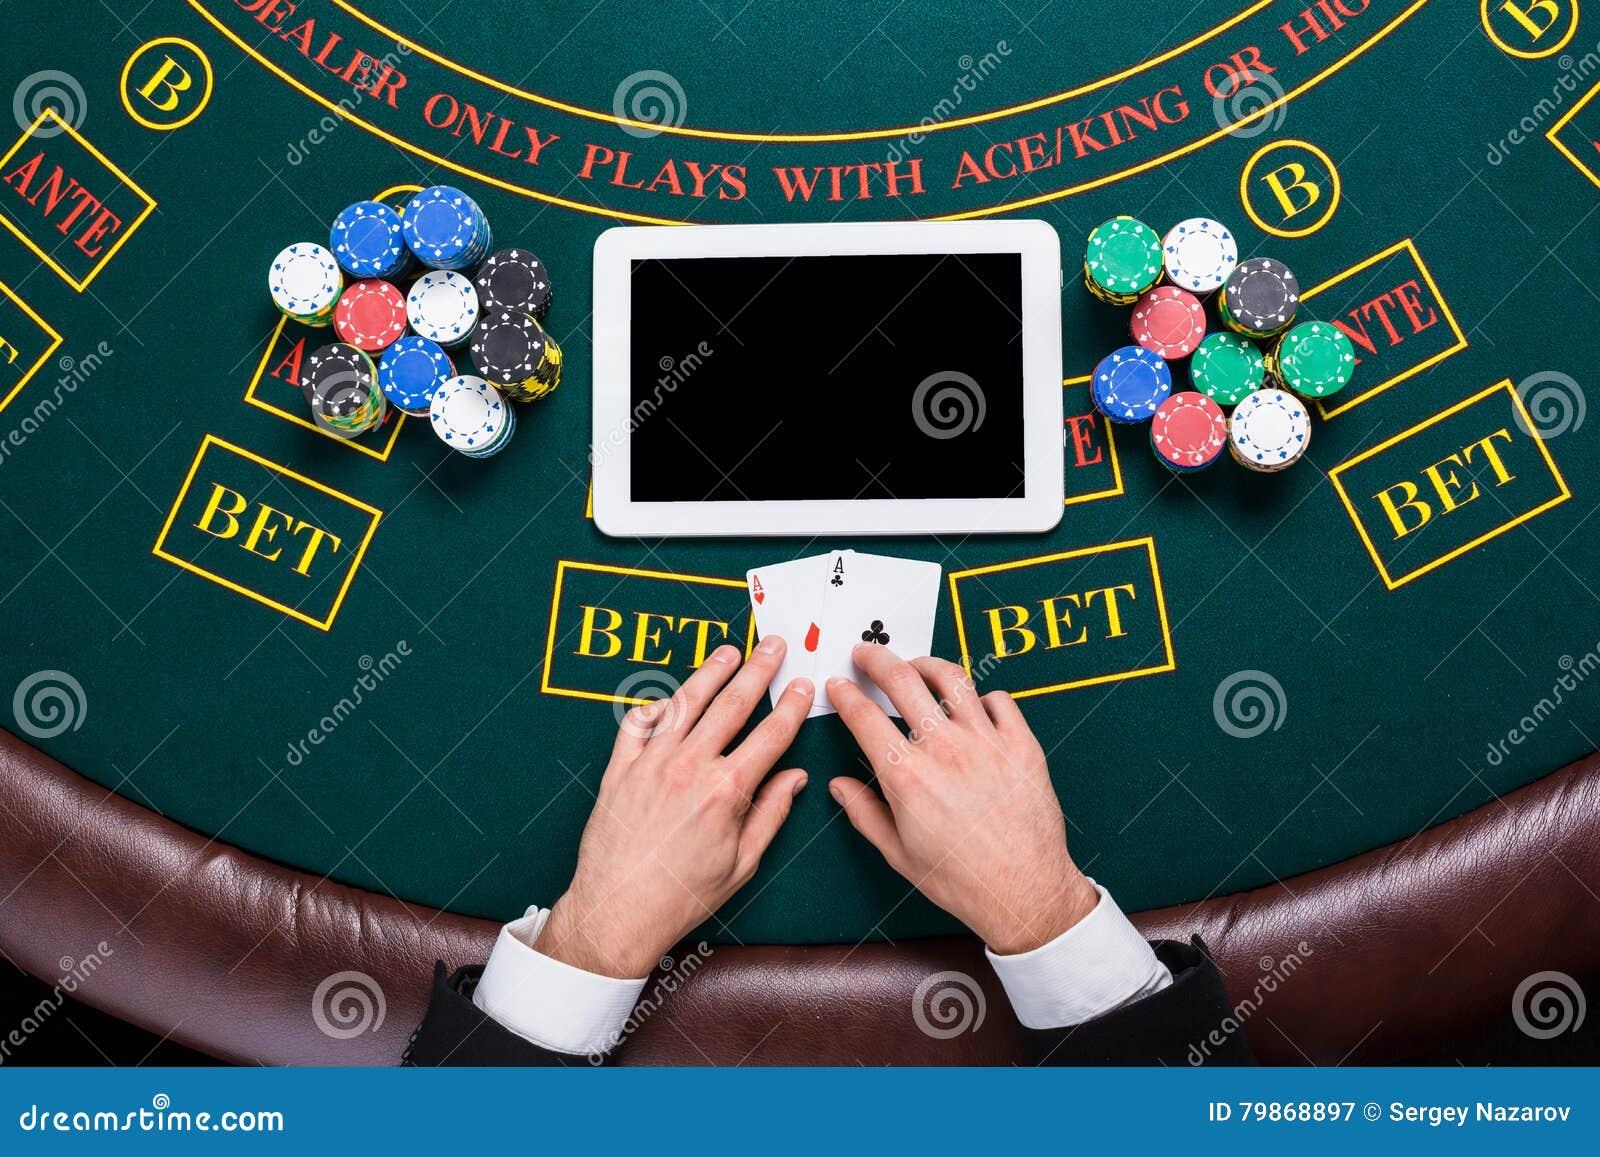 Азартні ігри на робочому місці